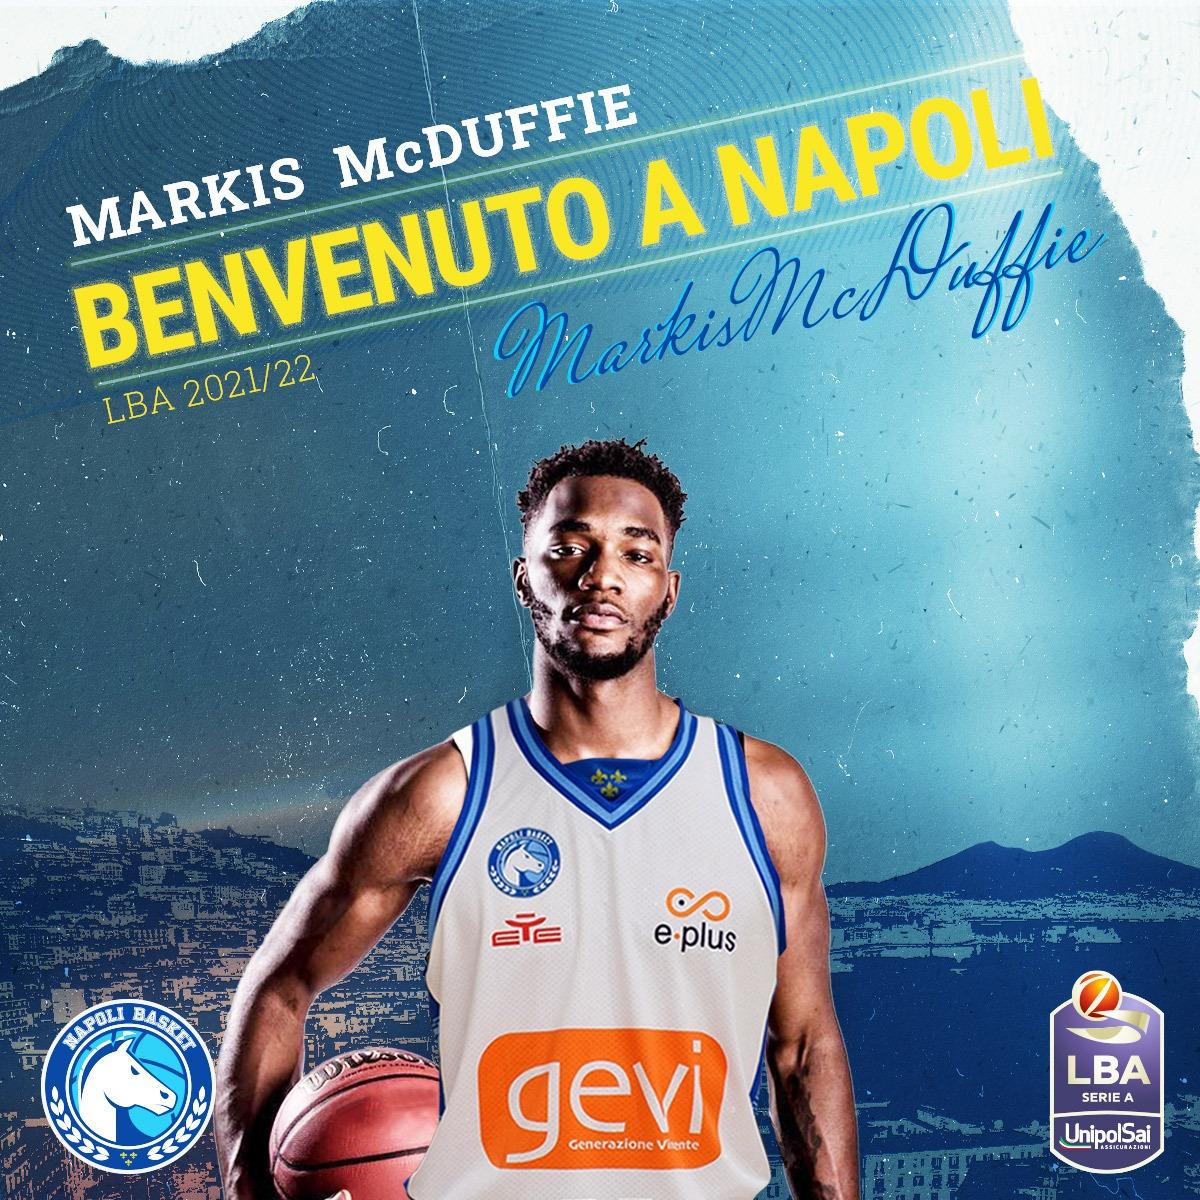 #LBA- GeVi Napoli, ingaggiato Markis McDuffie